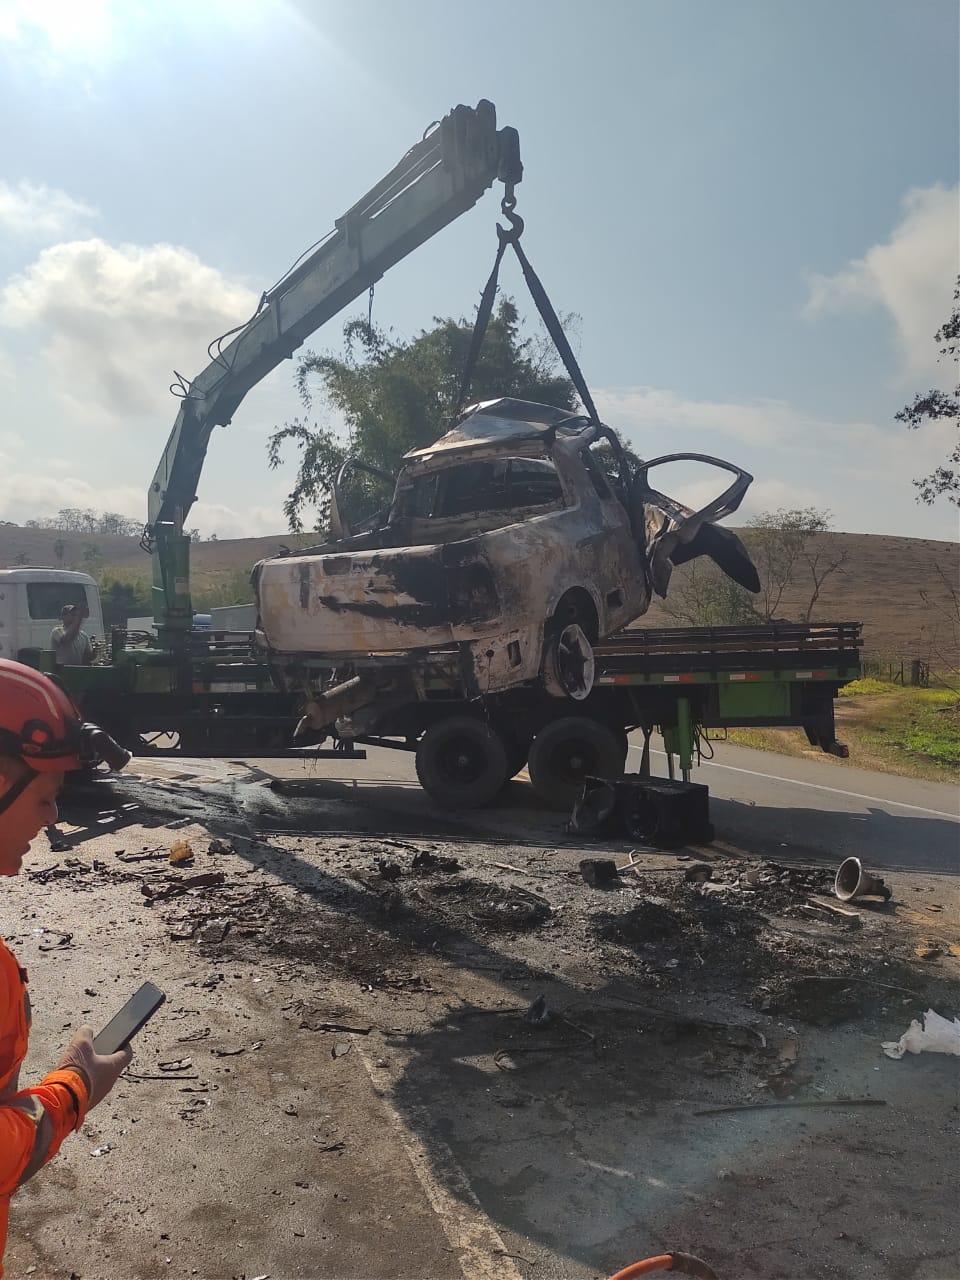 Duas pessoas morrem carbonizadas após acidente na BR-116, em Leopoldina - Foto: Divulgação/Corpo de Bombeiros